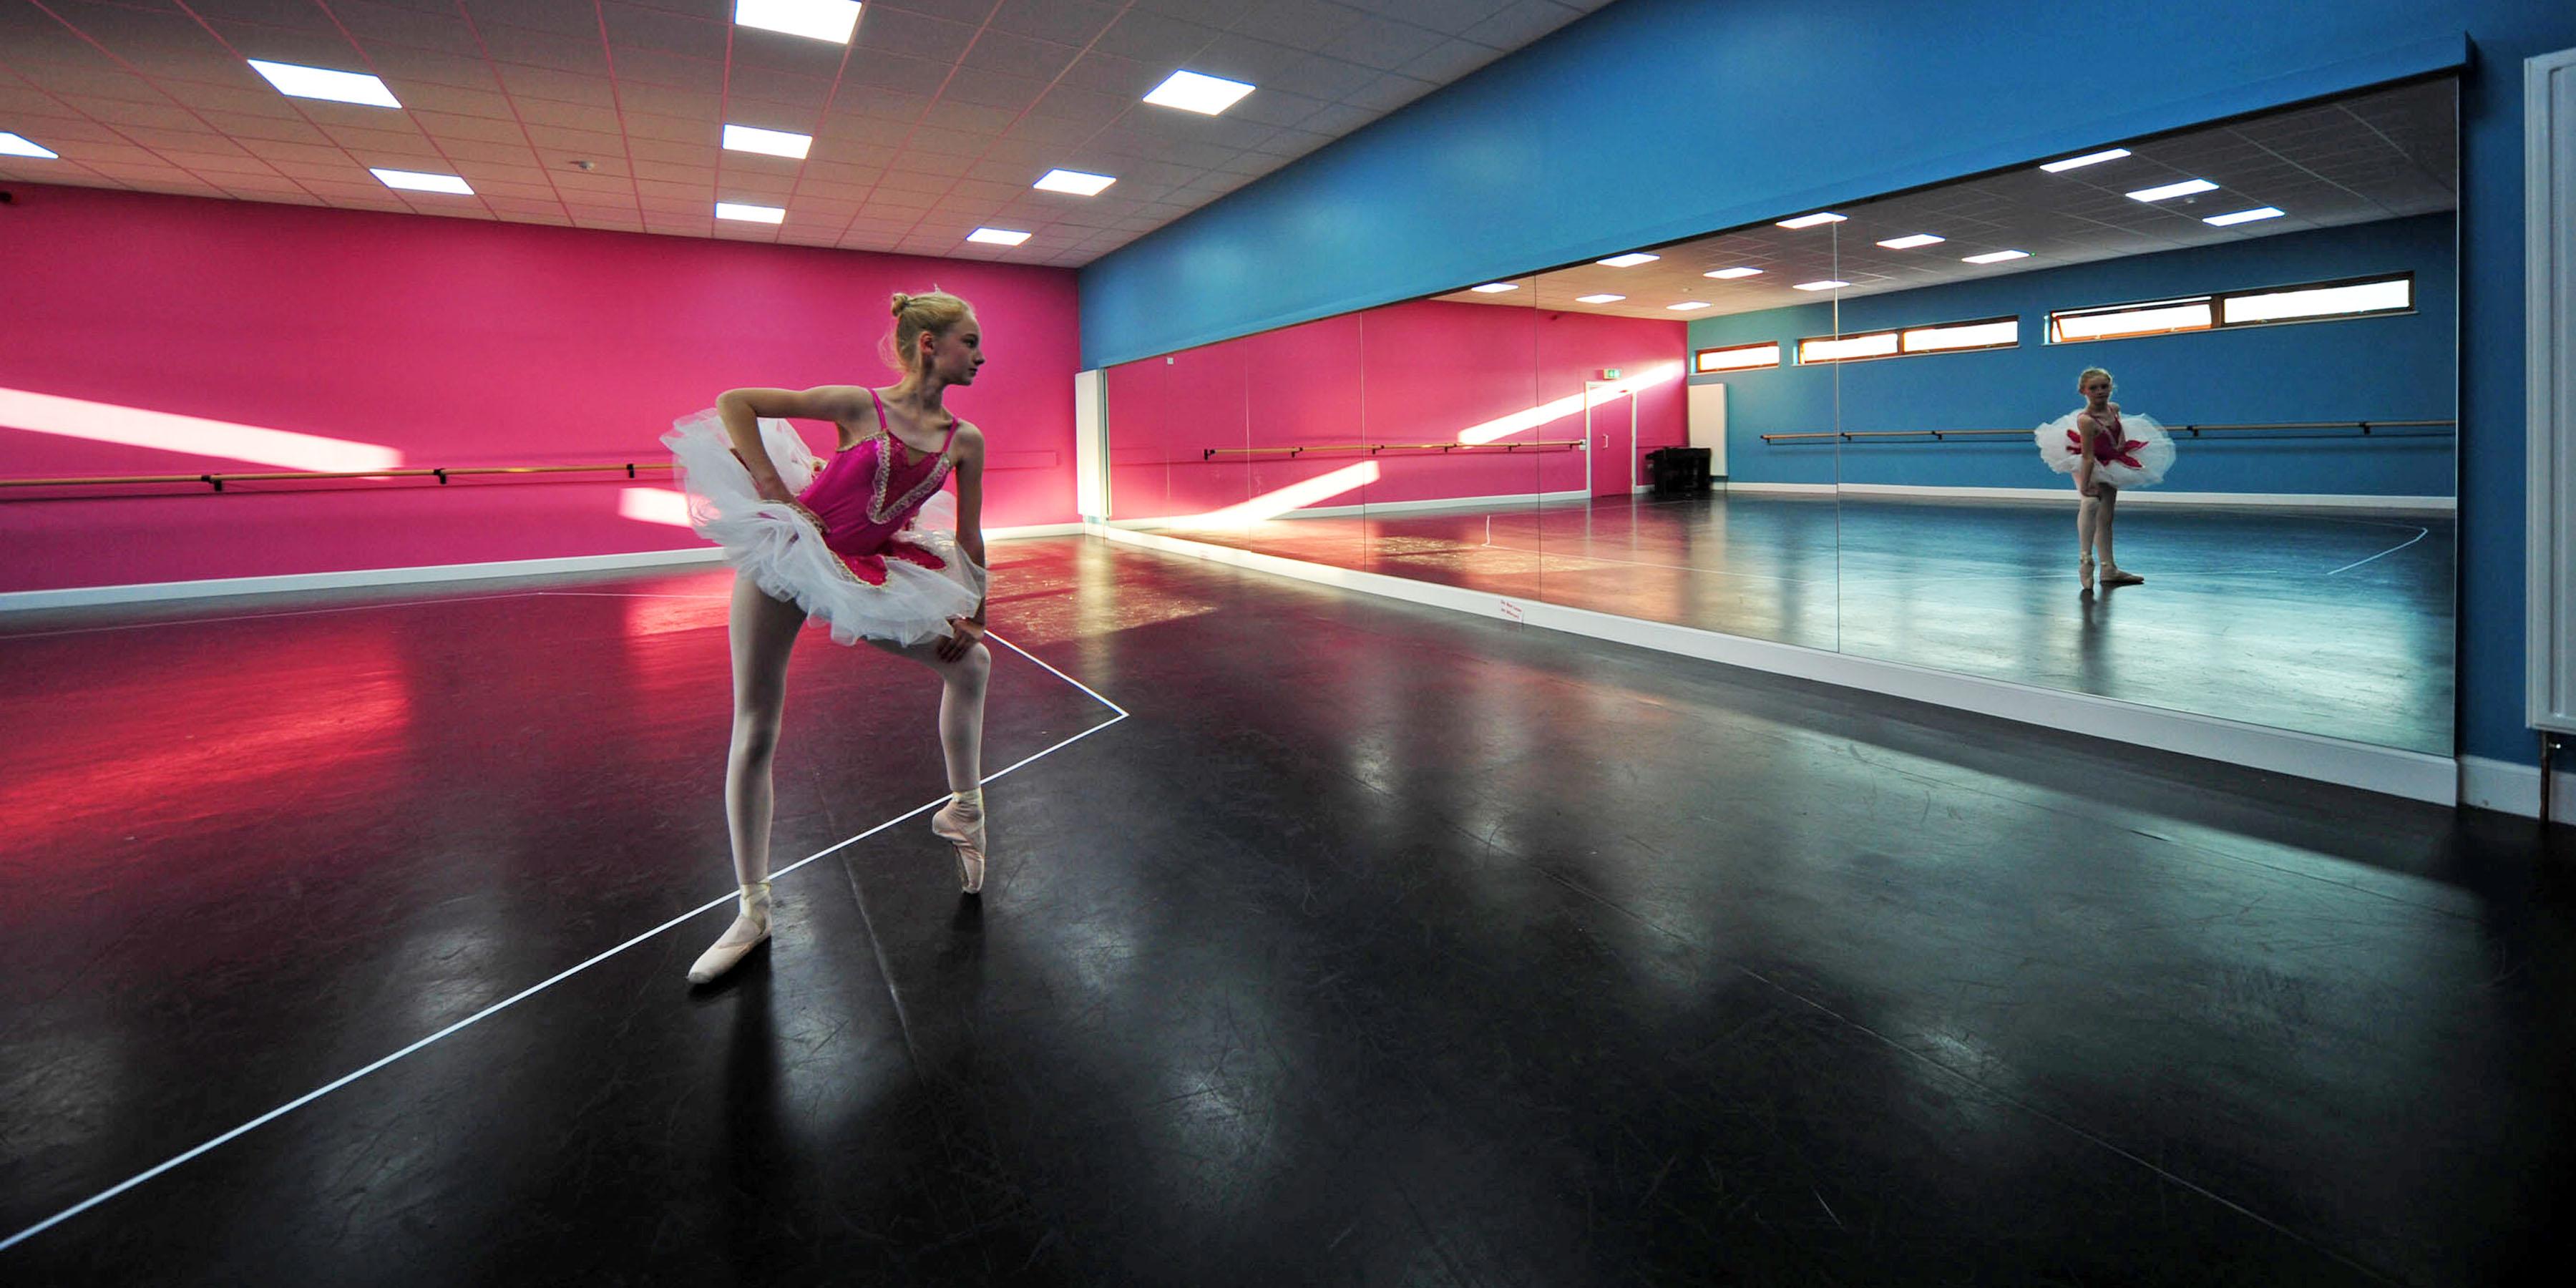 Harlequin Dance Floor S Carpet Vidalondon